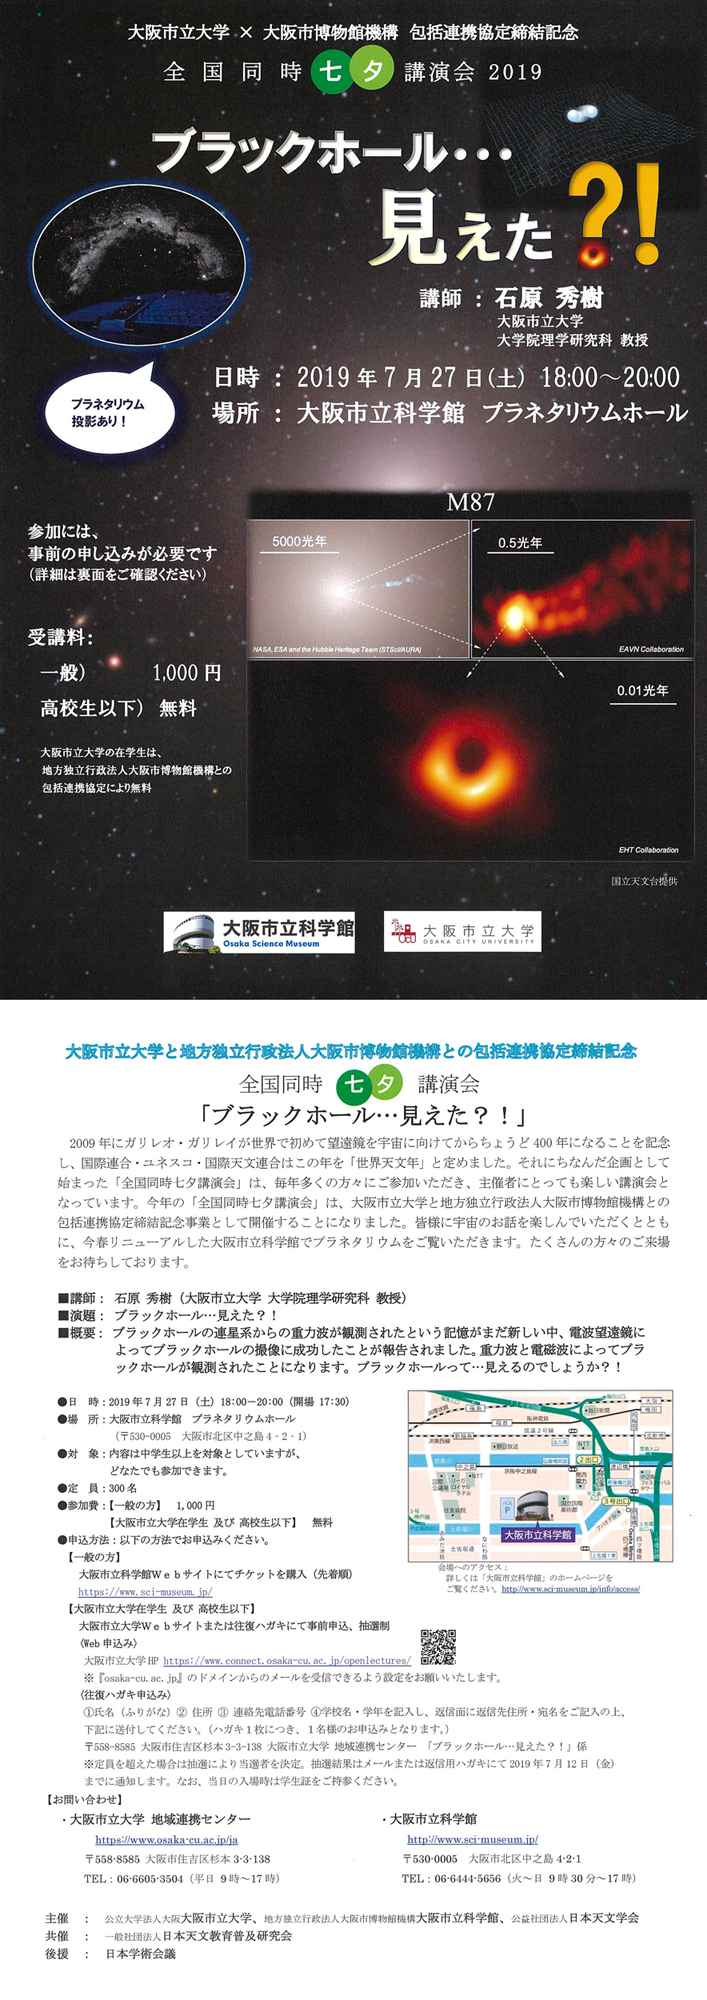 全国同時七夕講演会2019「ブラックホール・・・見えた?!」